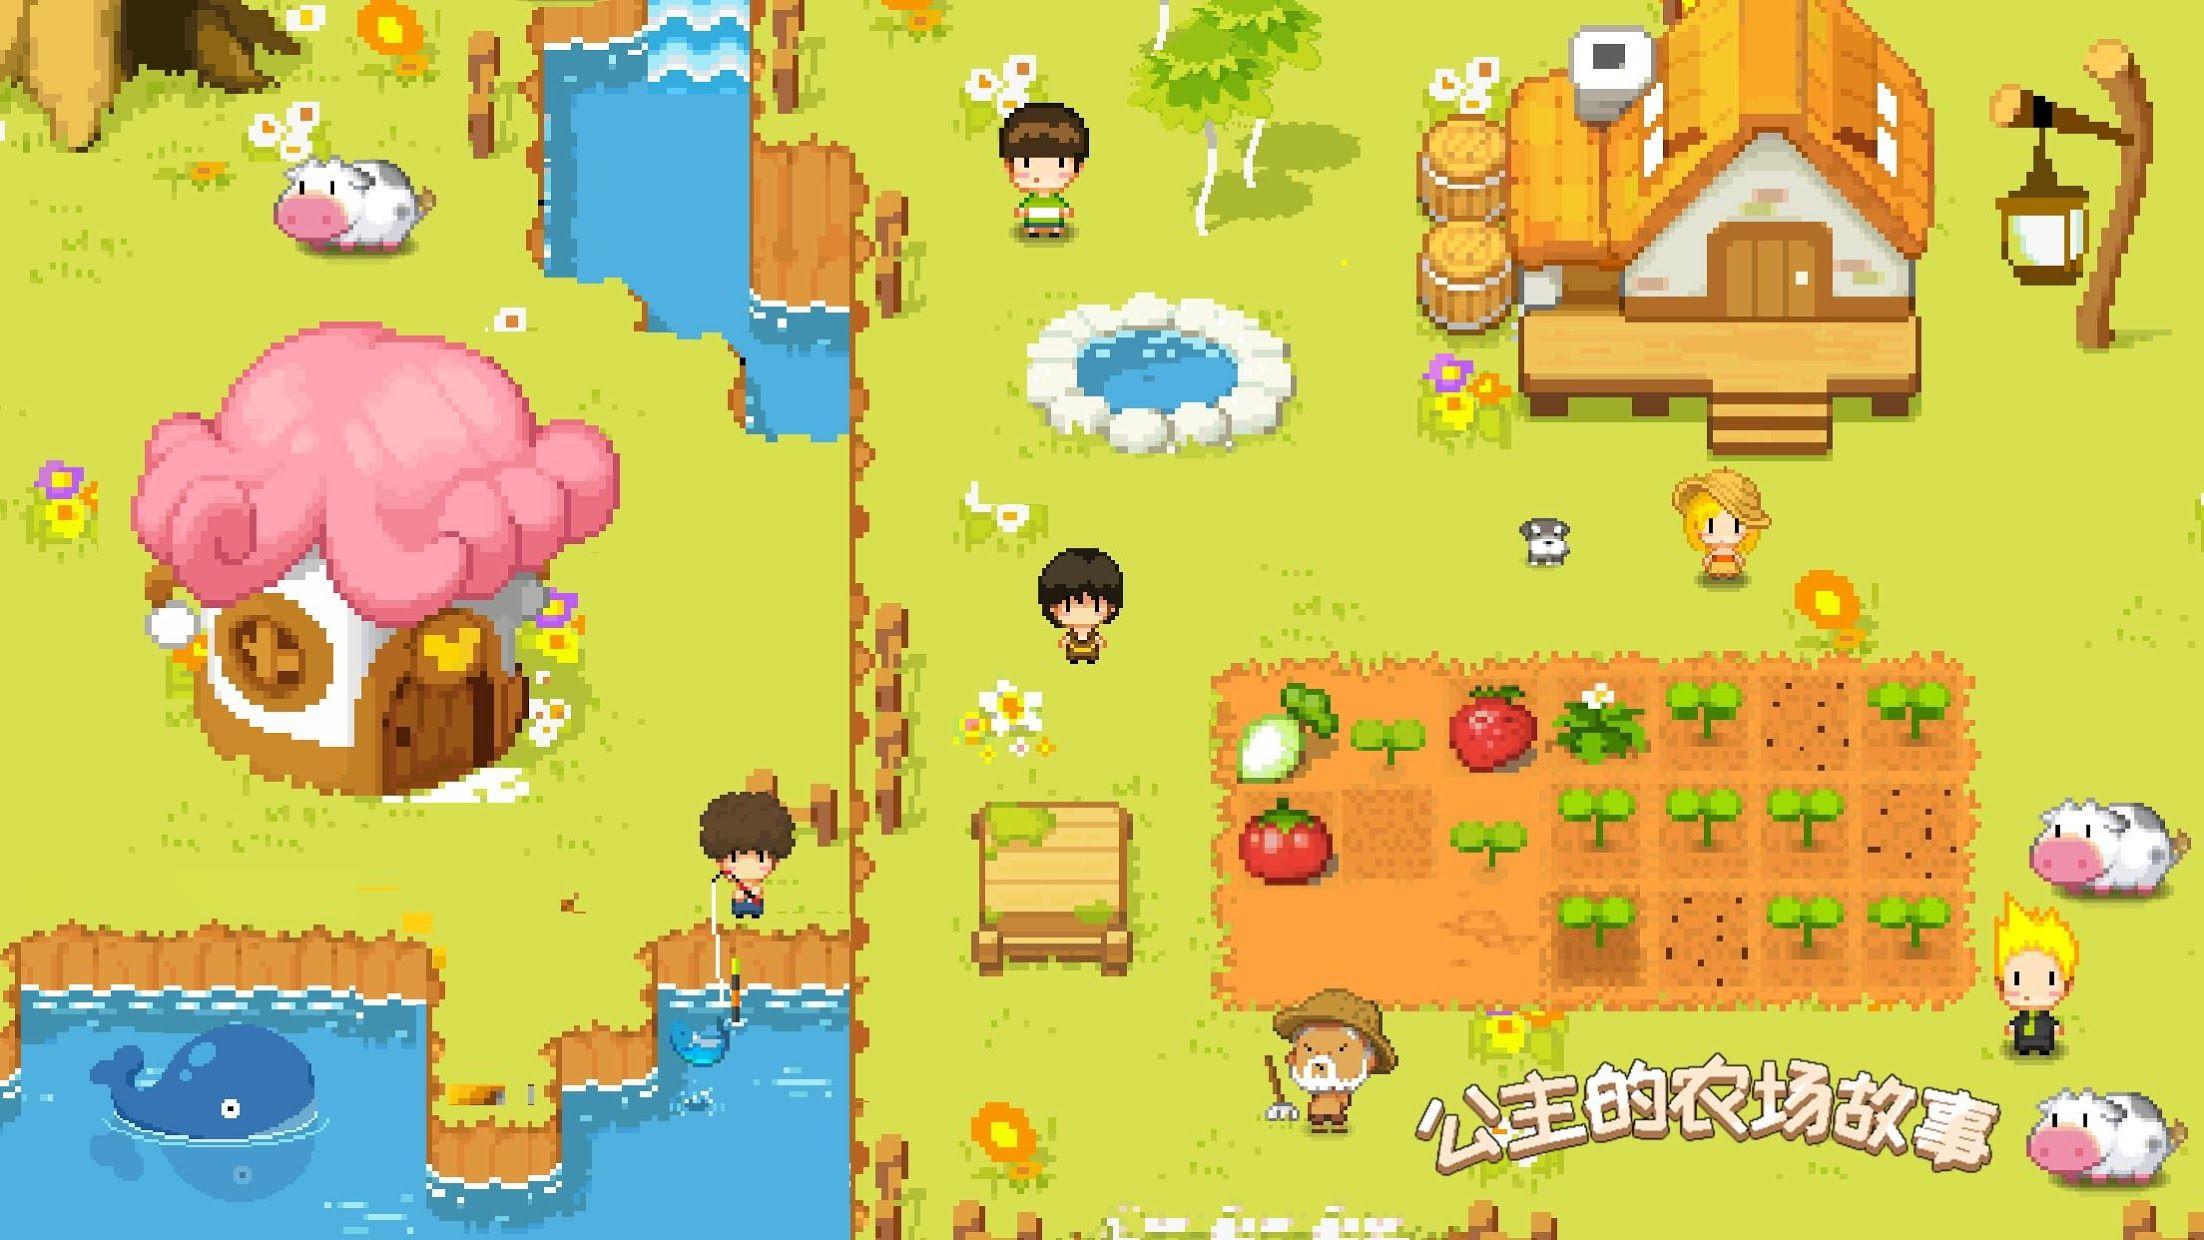 公主的农场故事 游戏截图4